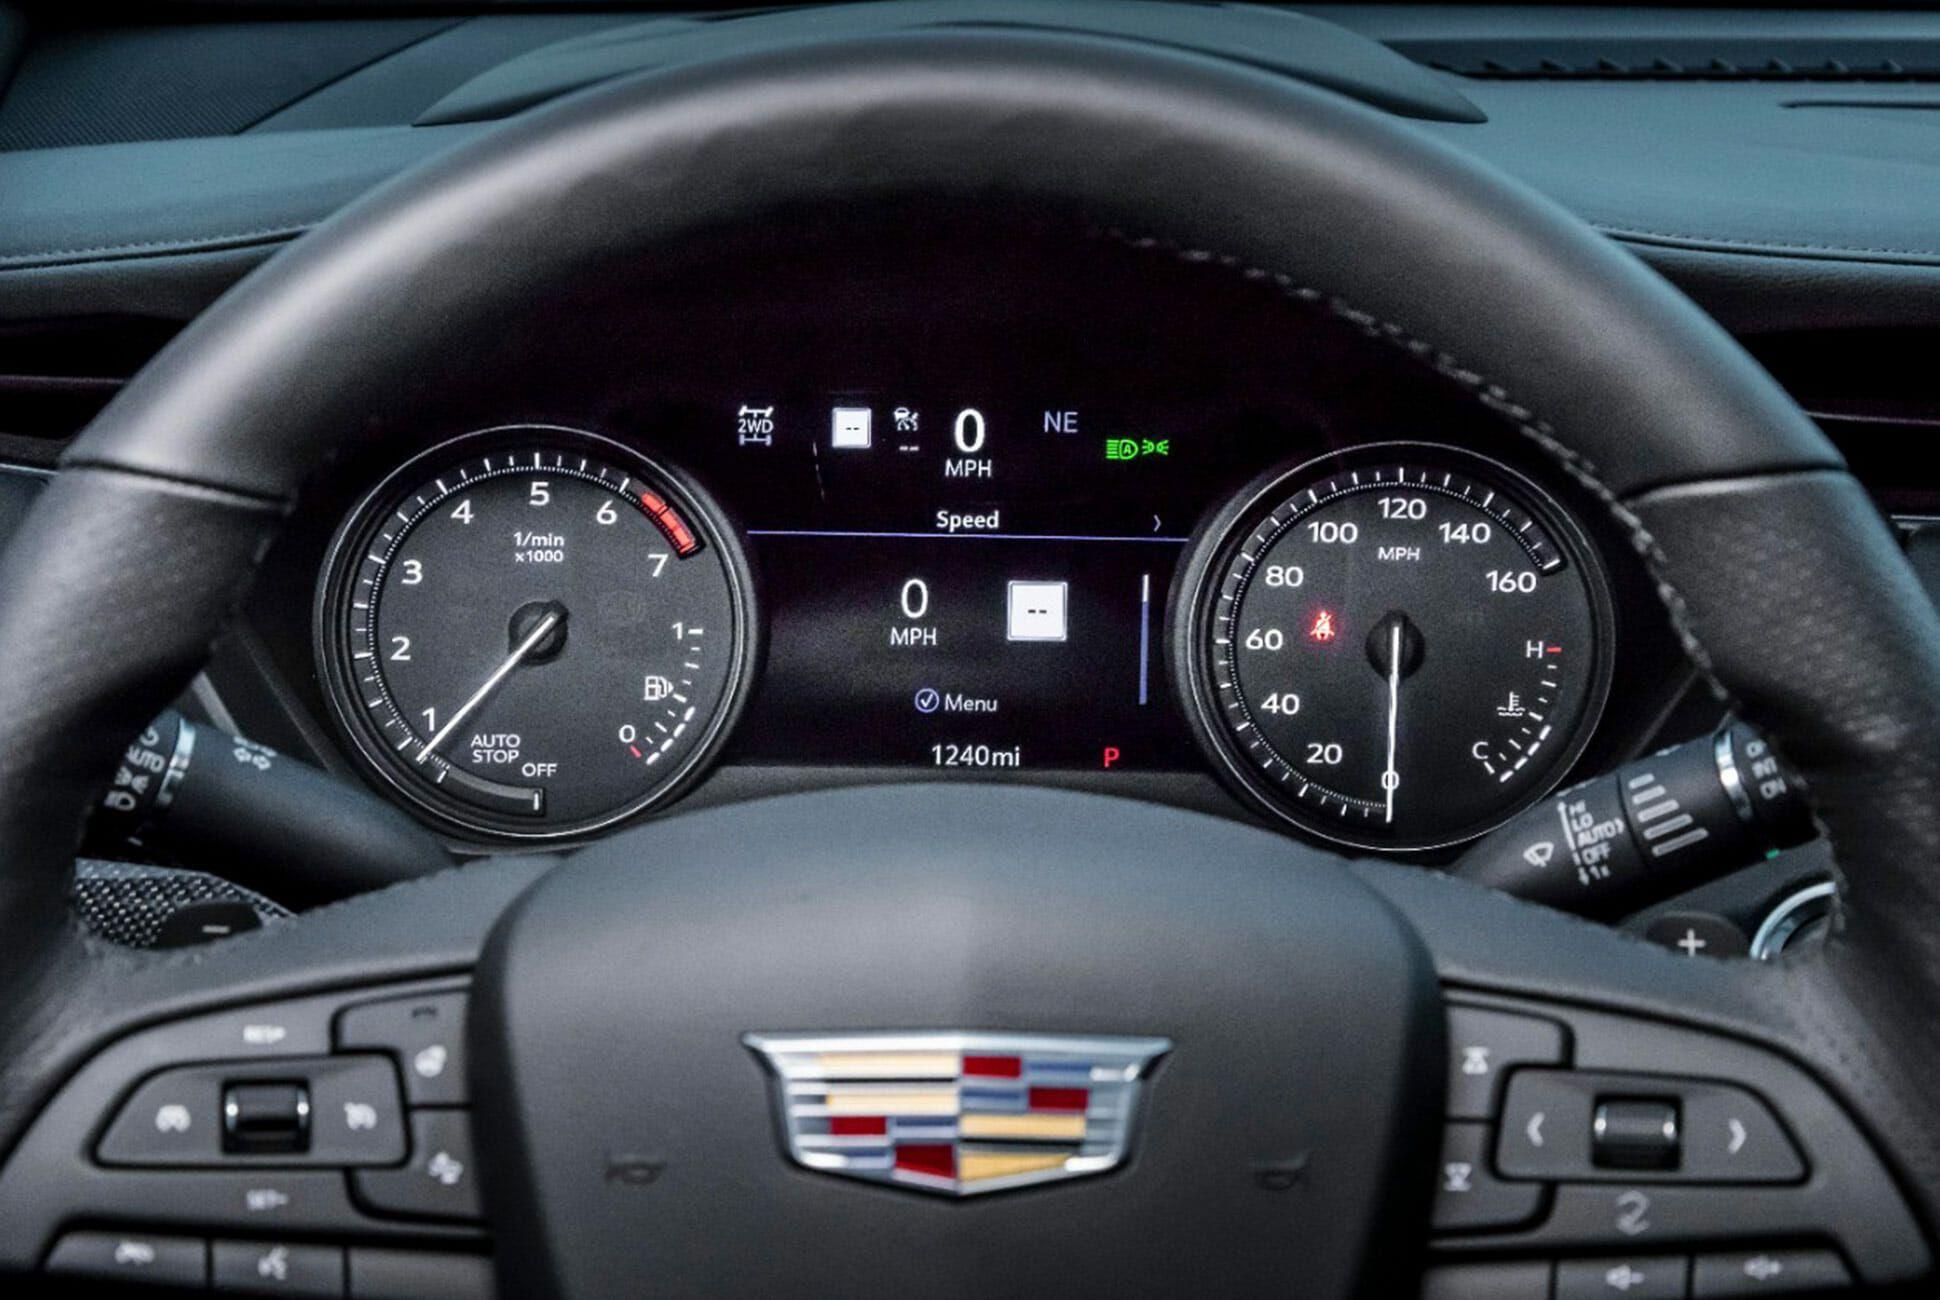 2019-Cadillac-XT4-Gear-Patrol-slide-9